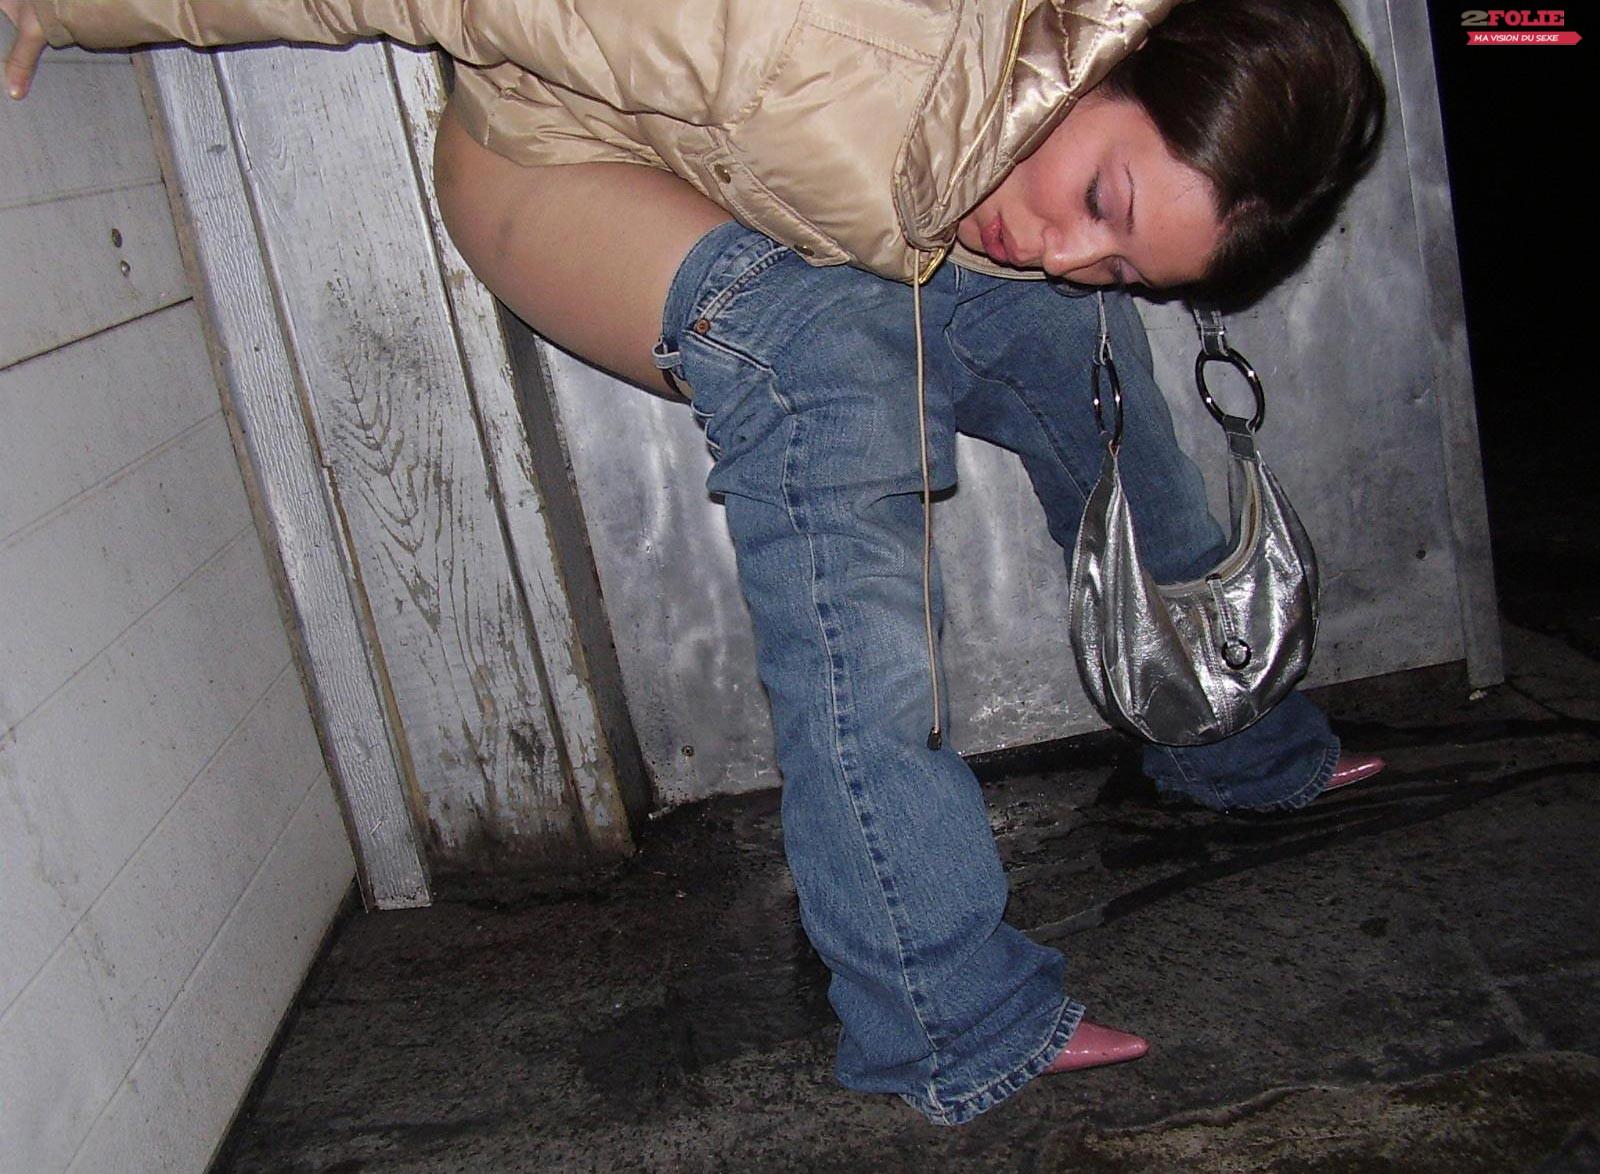 femme entrain de pisser la factrice est une salope